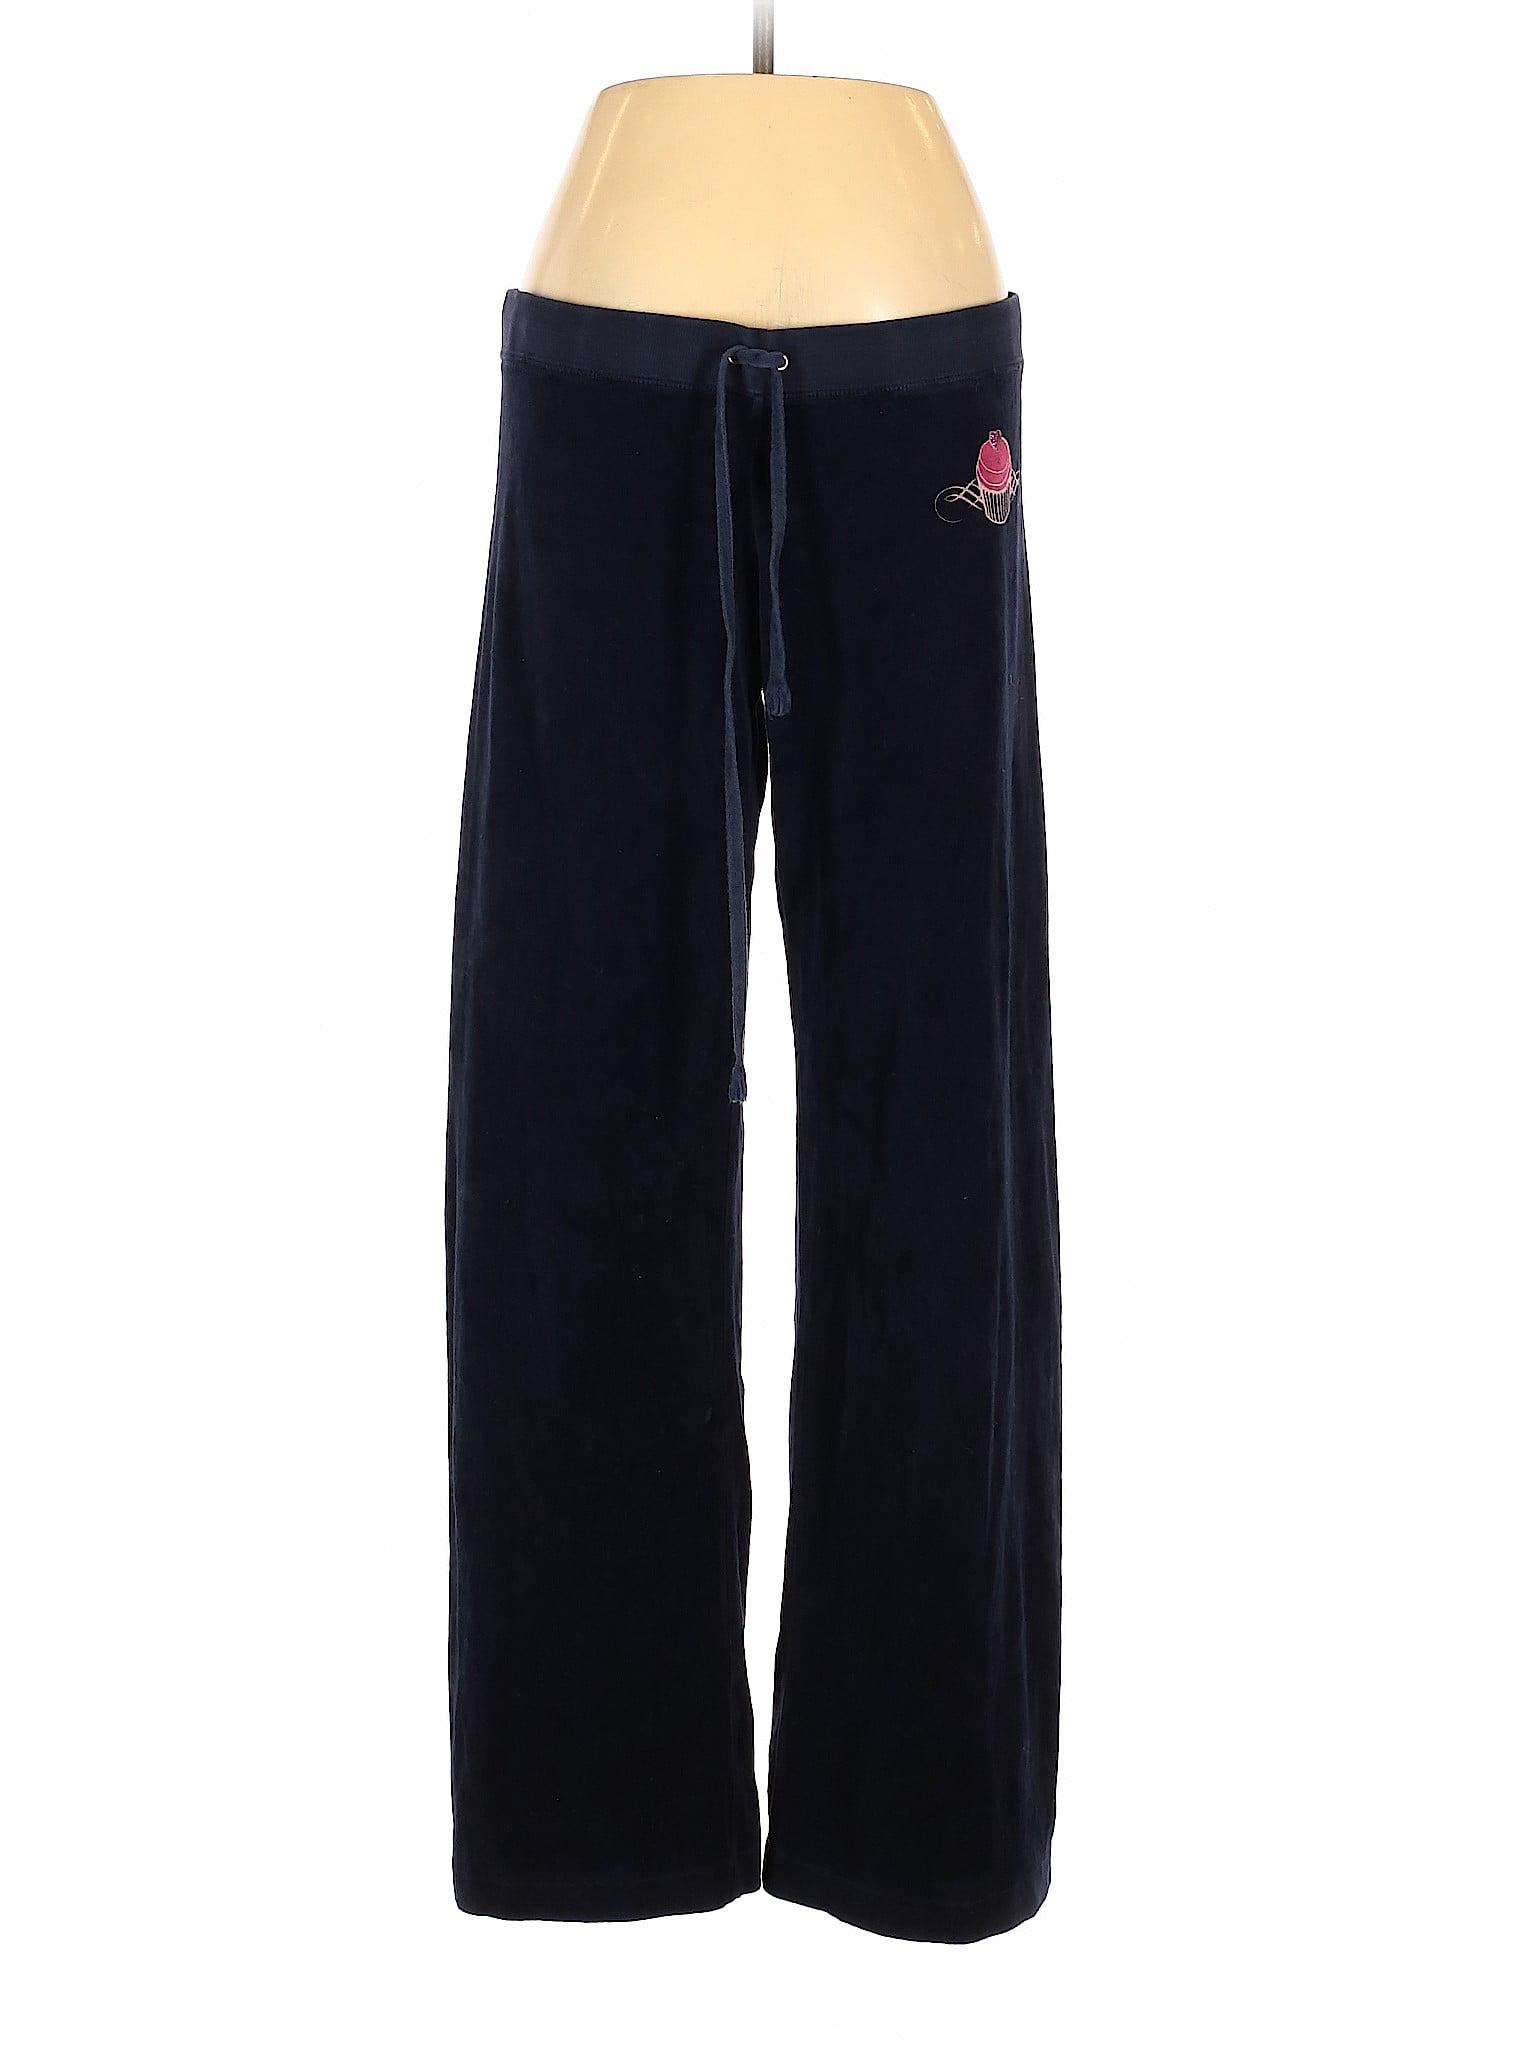 Juicy Couture Pre Owned Juicy Couture Women S Size S Velour Pants Walmart Com Walmart Com